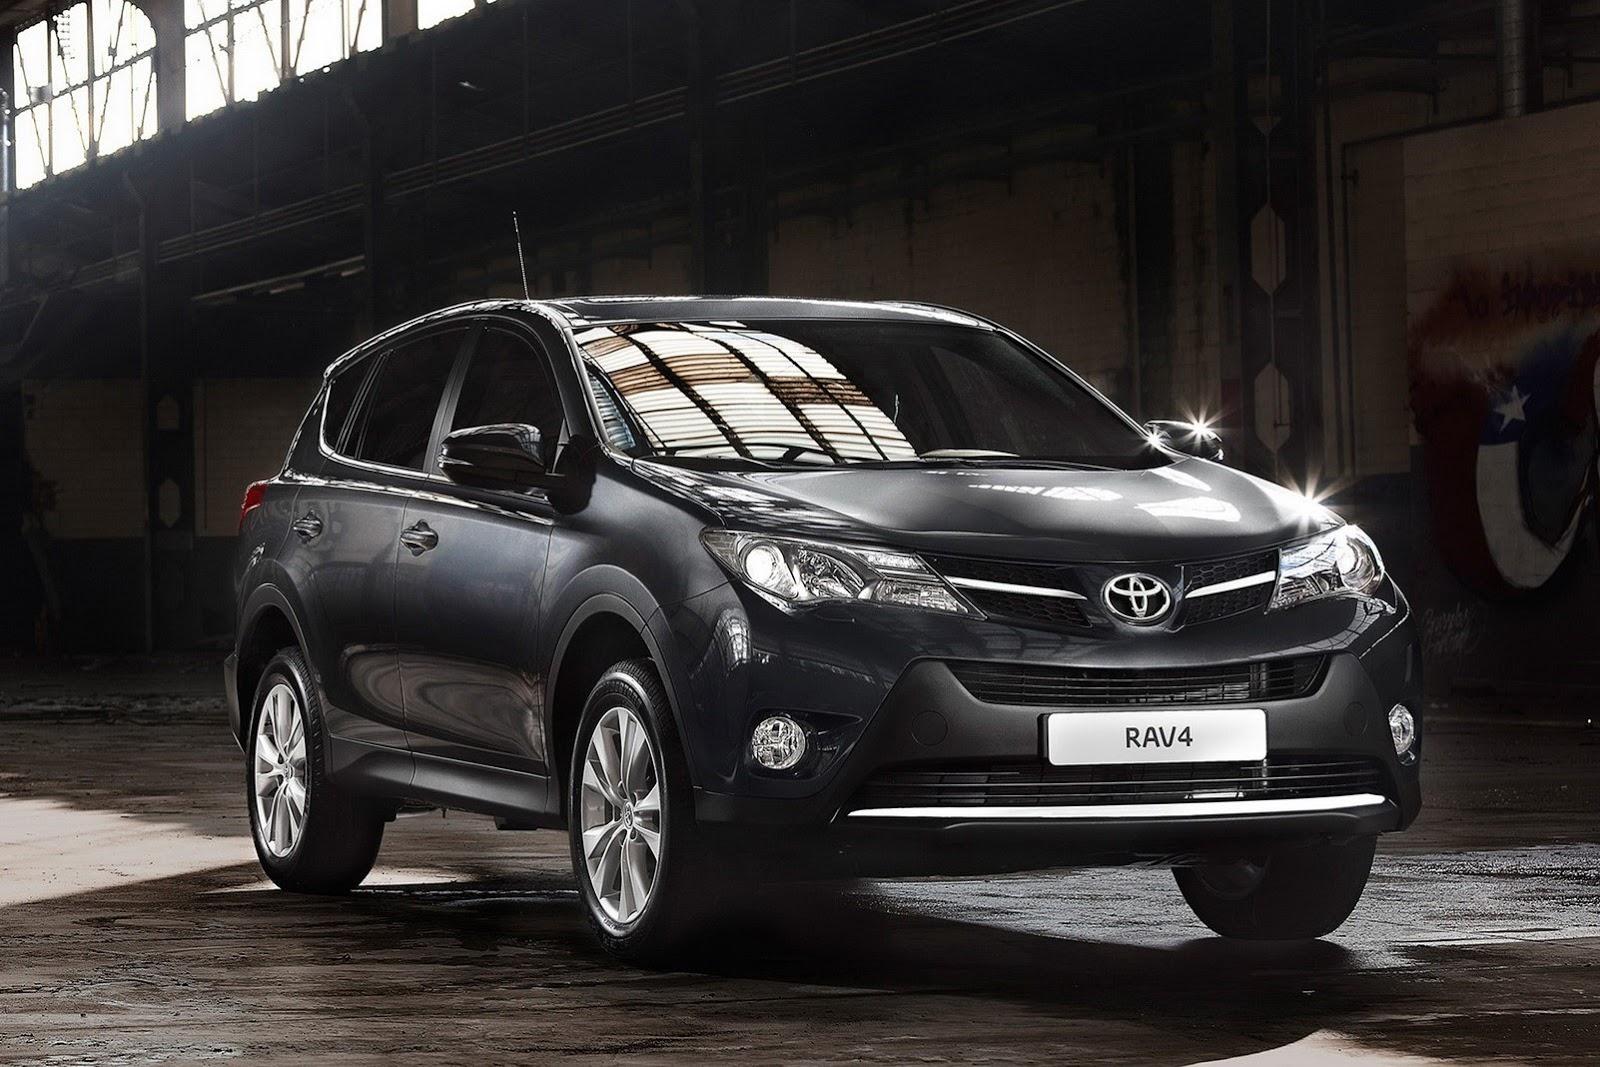 Toyota RAV4 порадует Вас своими размерами и качественными материалами